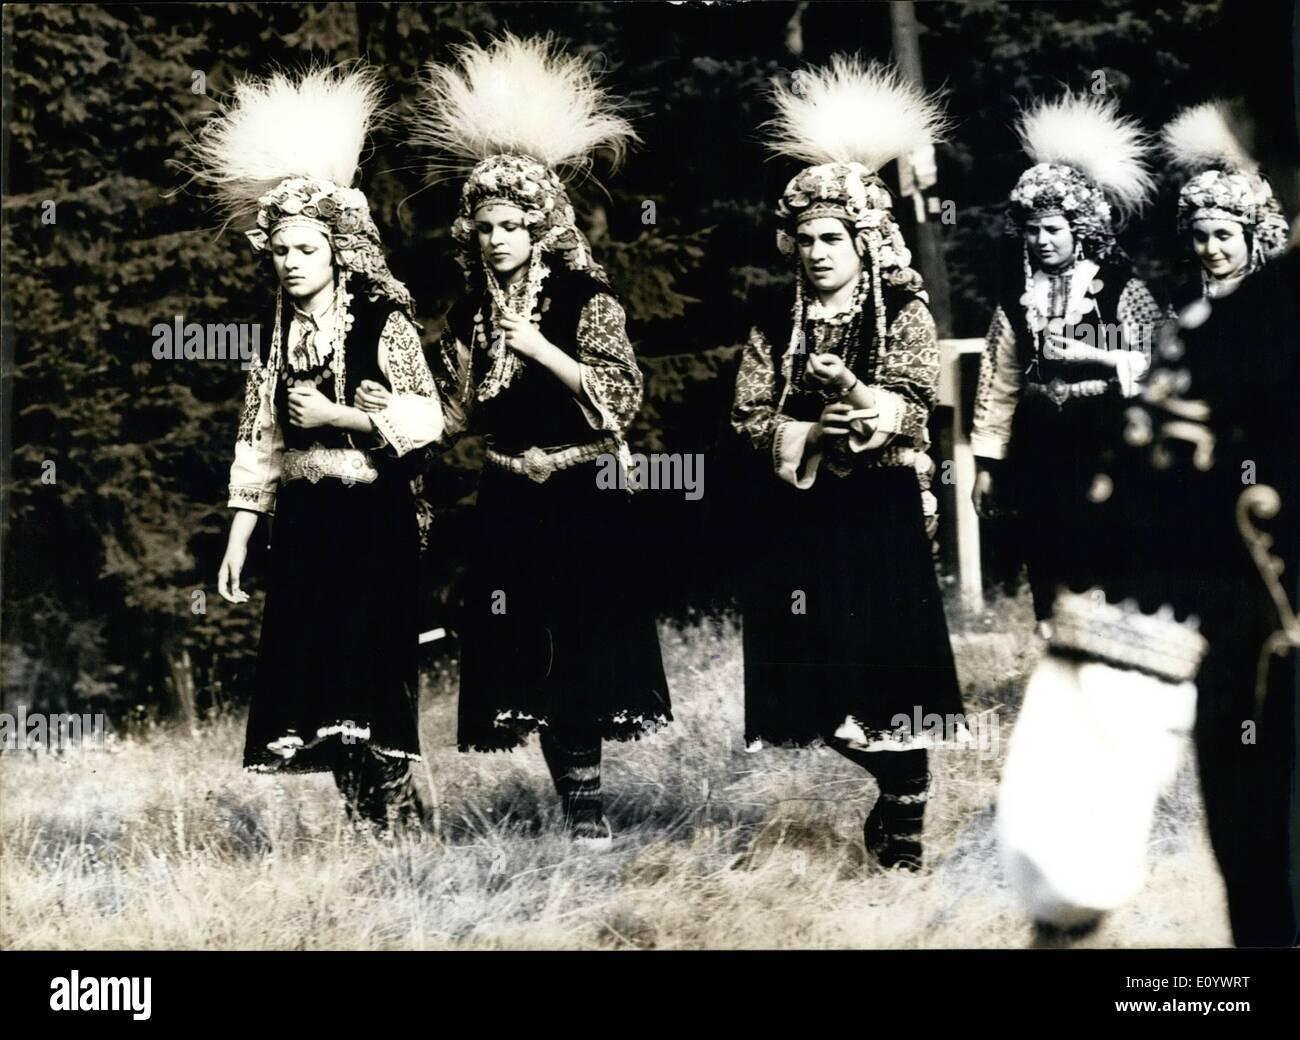 Agosto 08, 1971 - Festival di Folklore. La foto mostra le ragazze in splendidi costumi nazionali. Immagini Stock